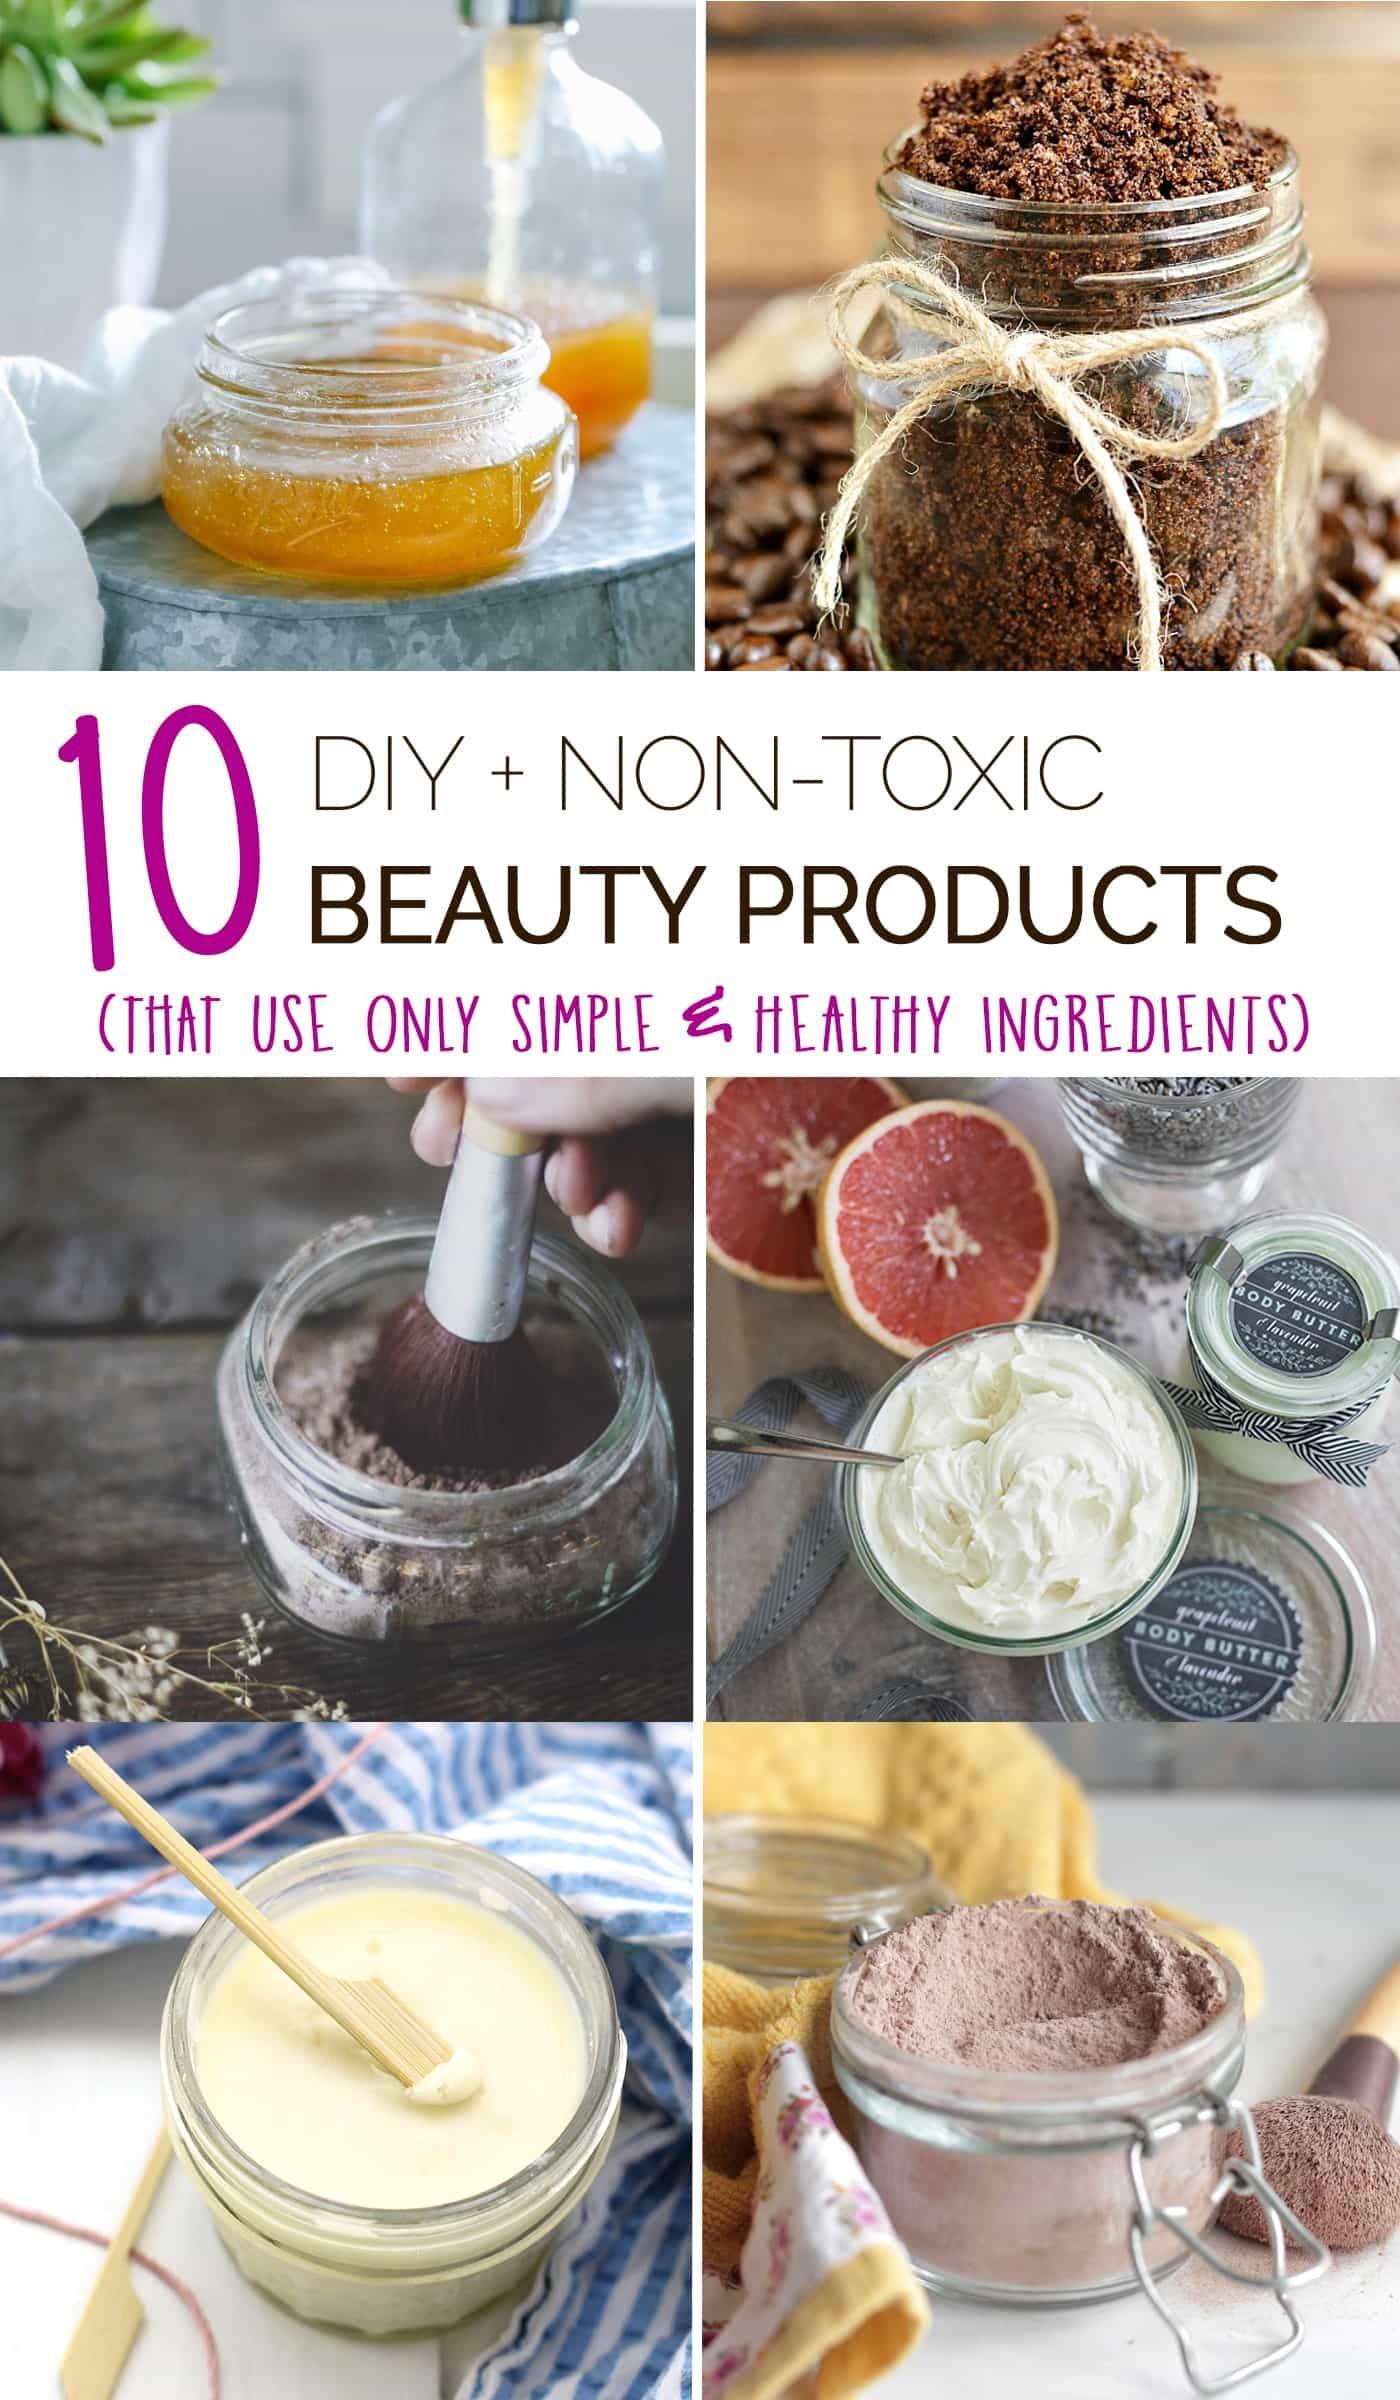 Produse cosmetice non toxice